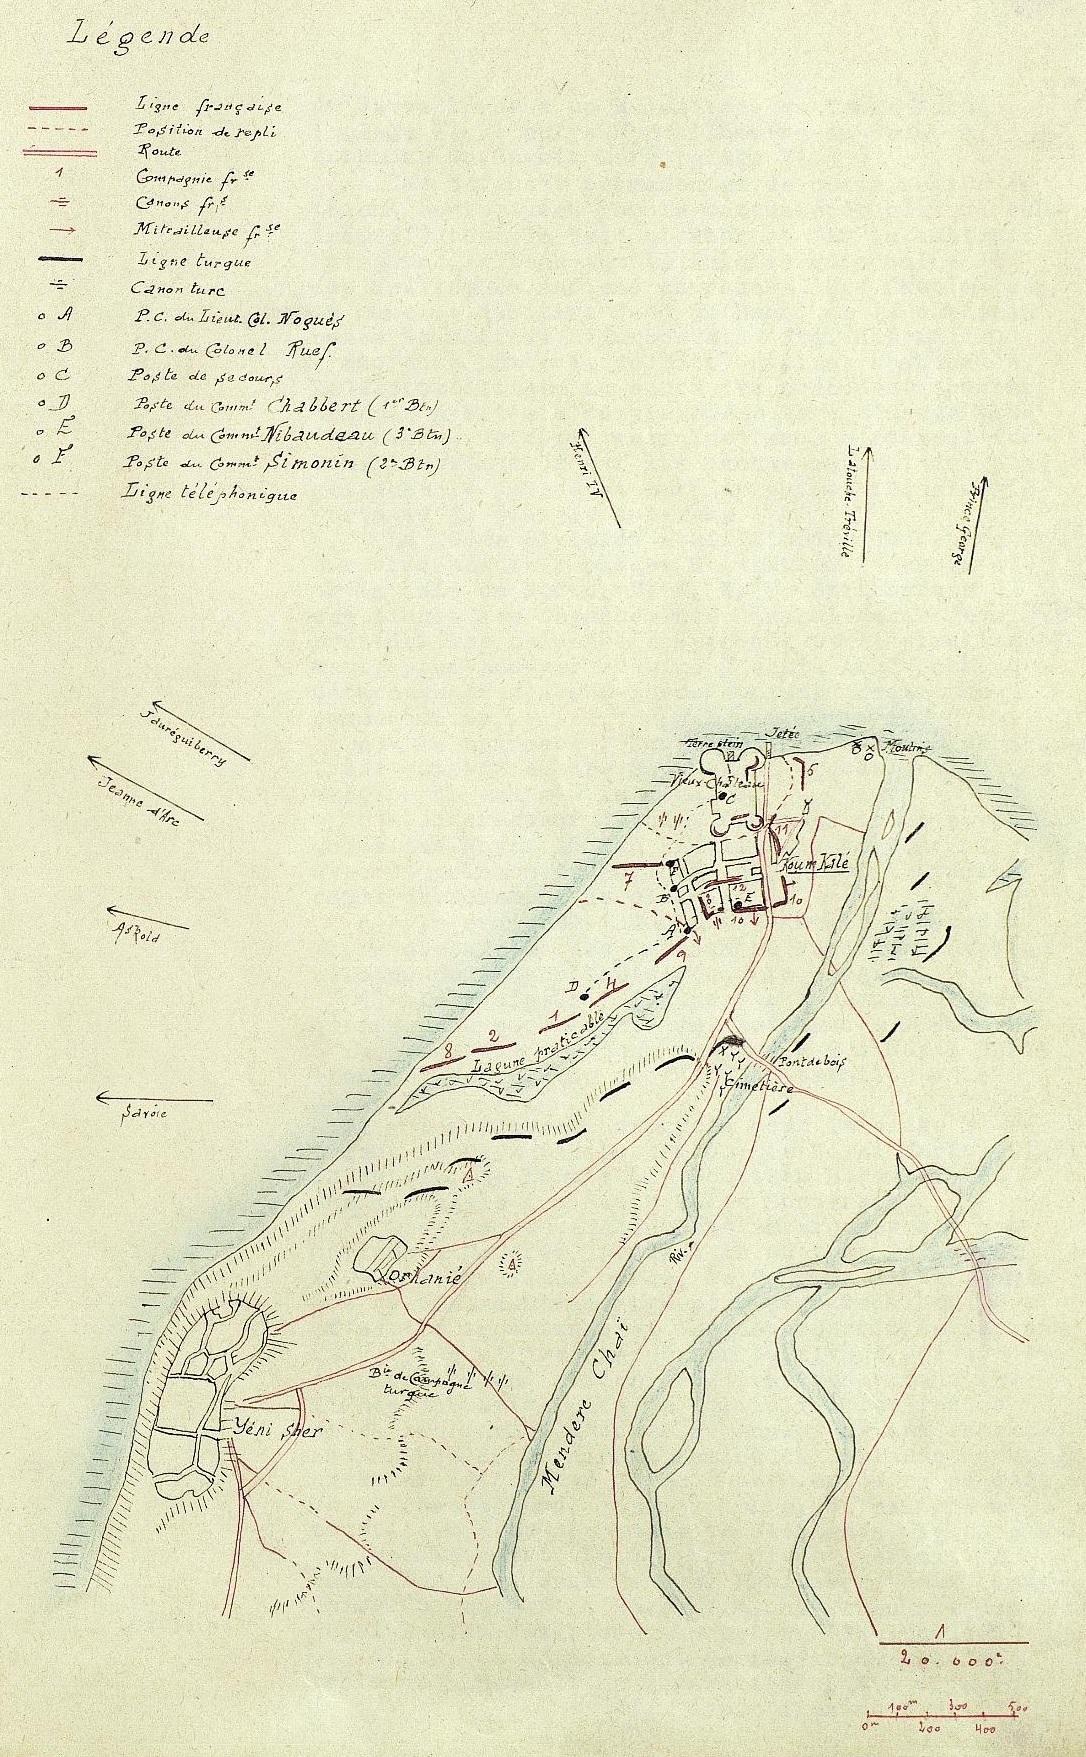 Carte des positions françaises en début d'après-midi le 25 avril